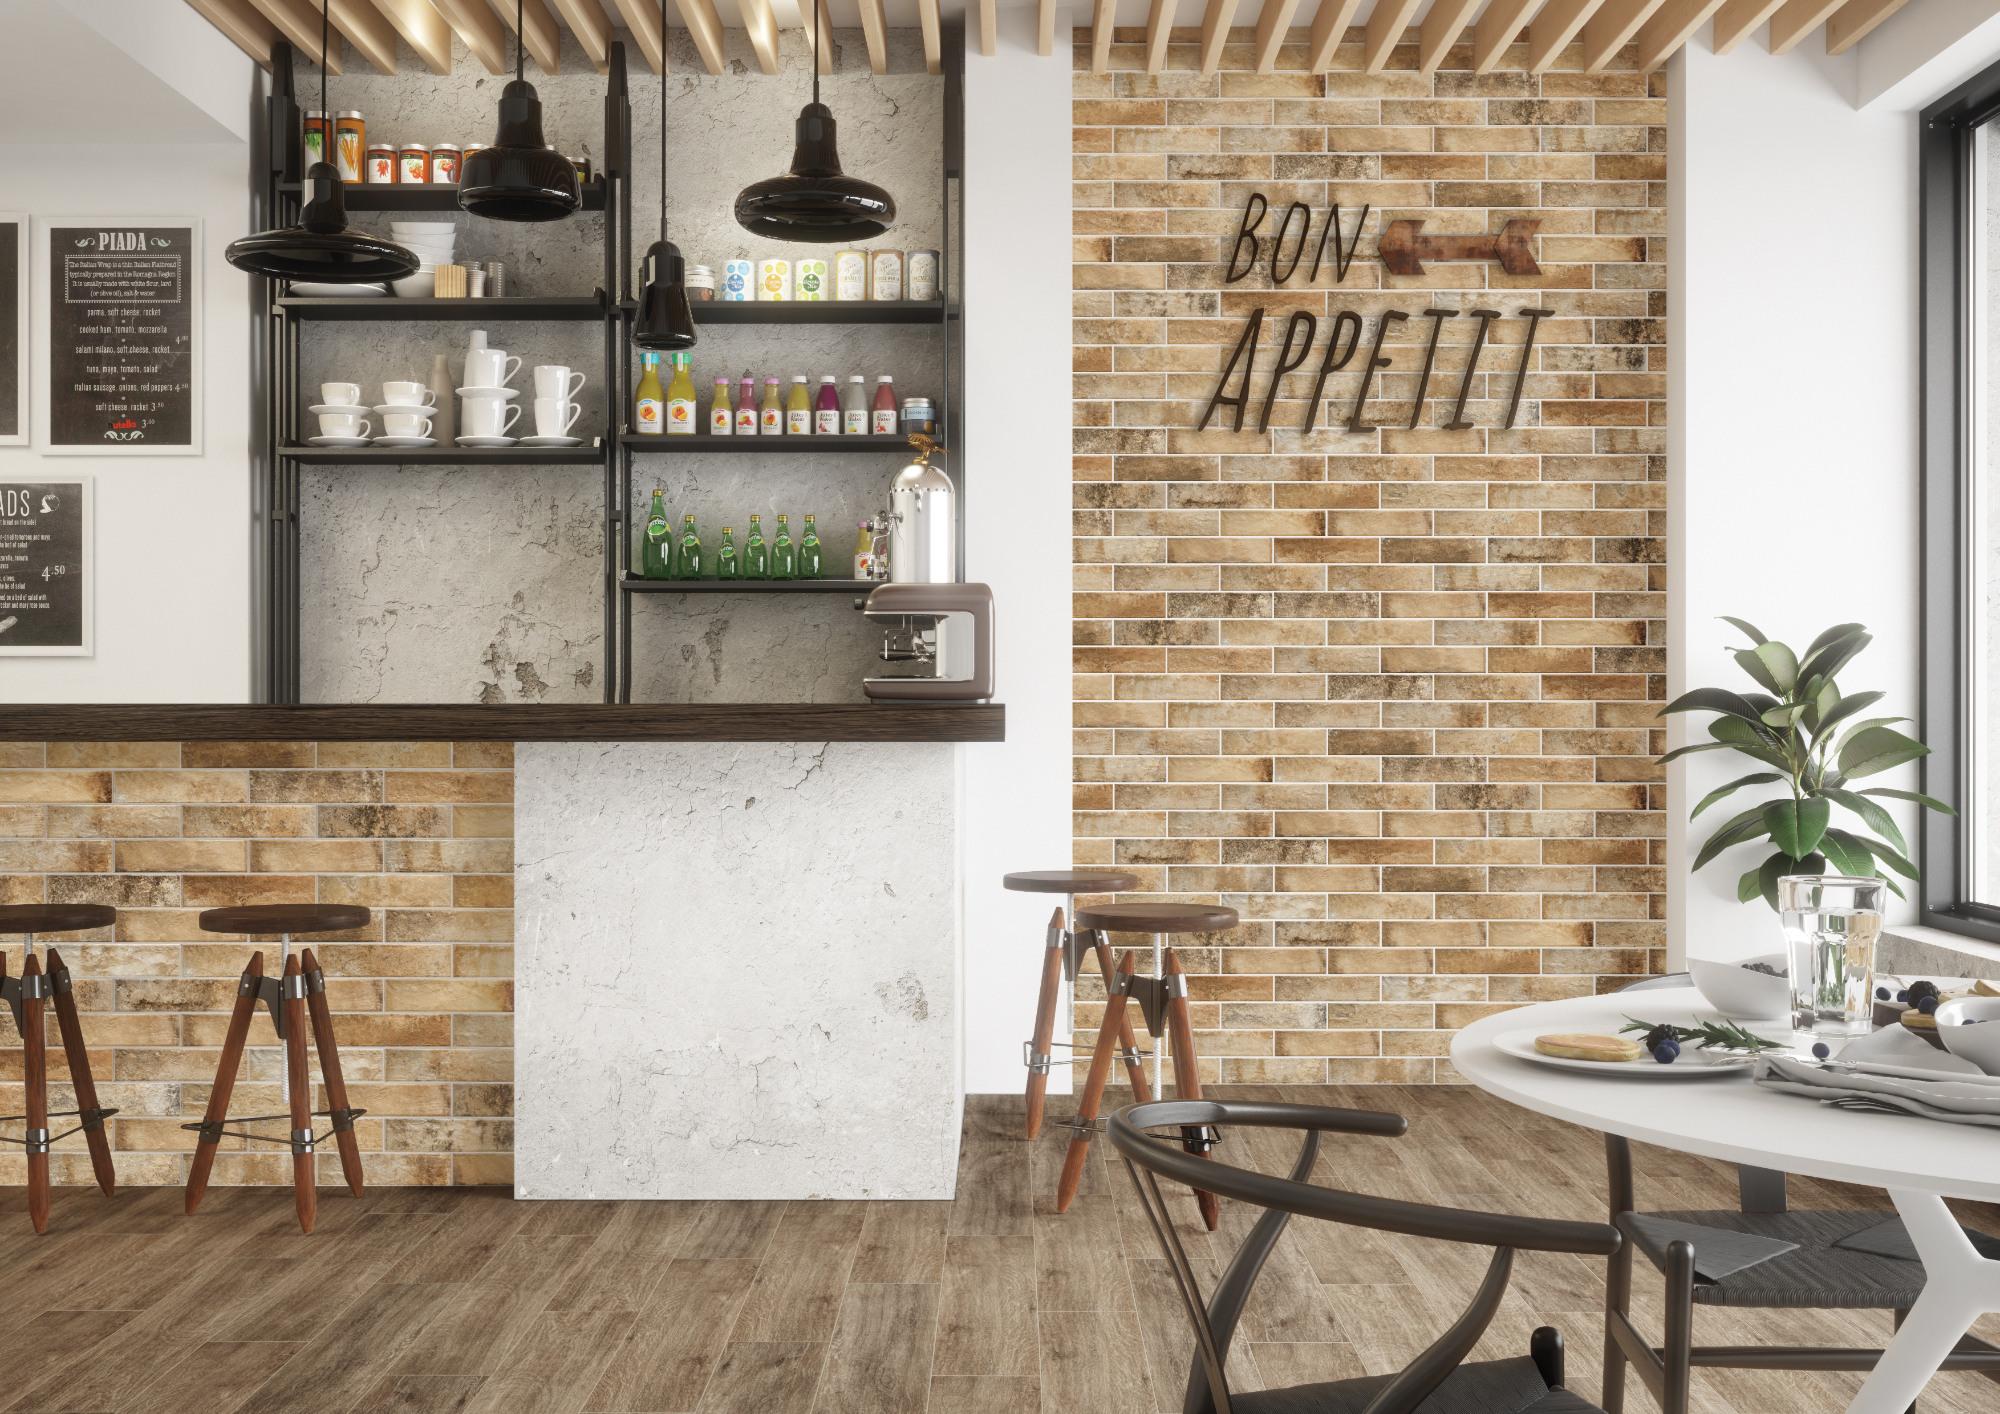 плитка фасадная польская фабрика Cerrad коллекция Piatto honey